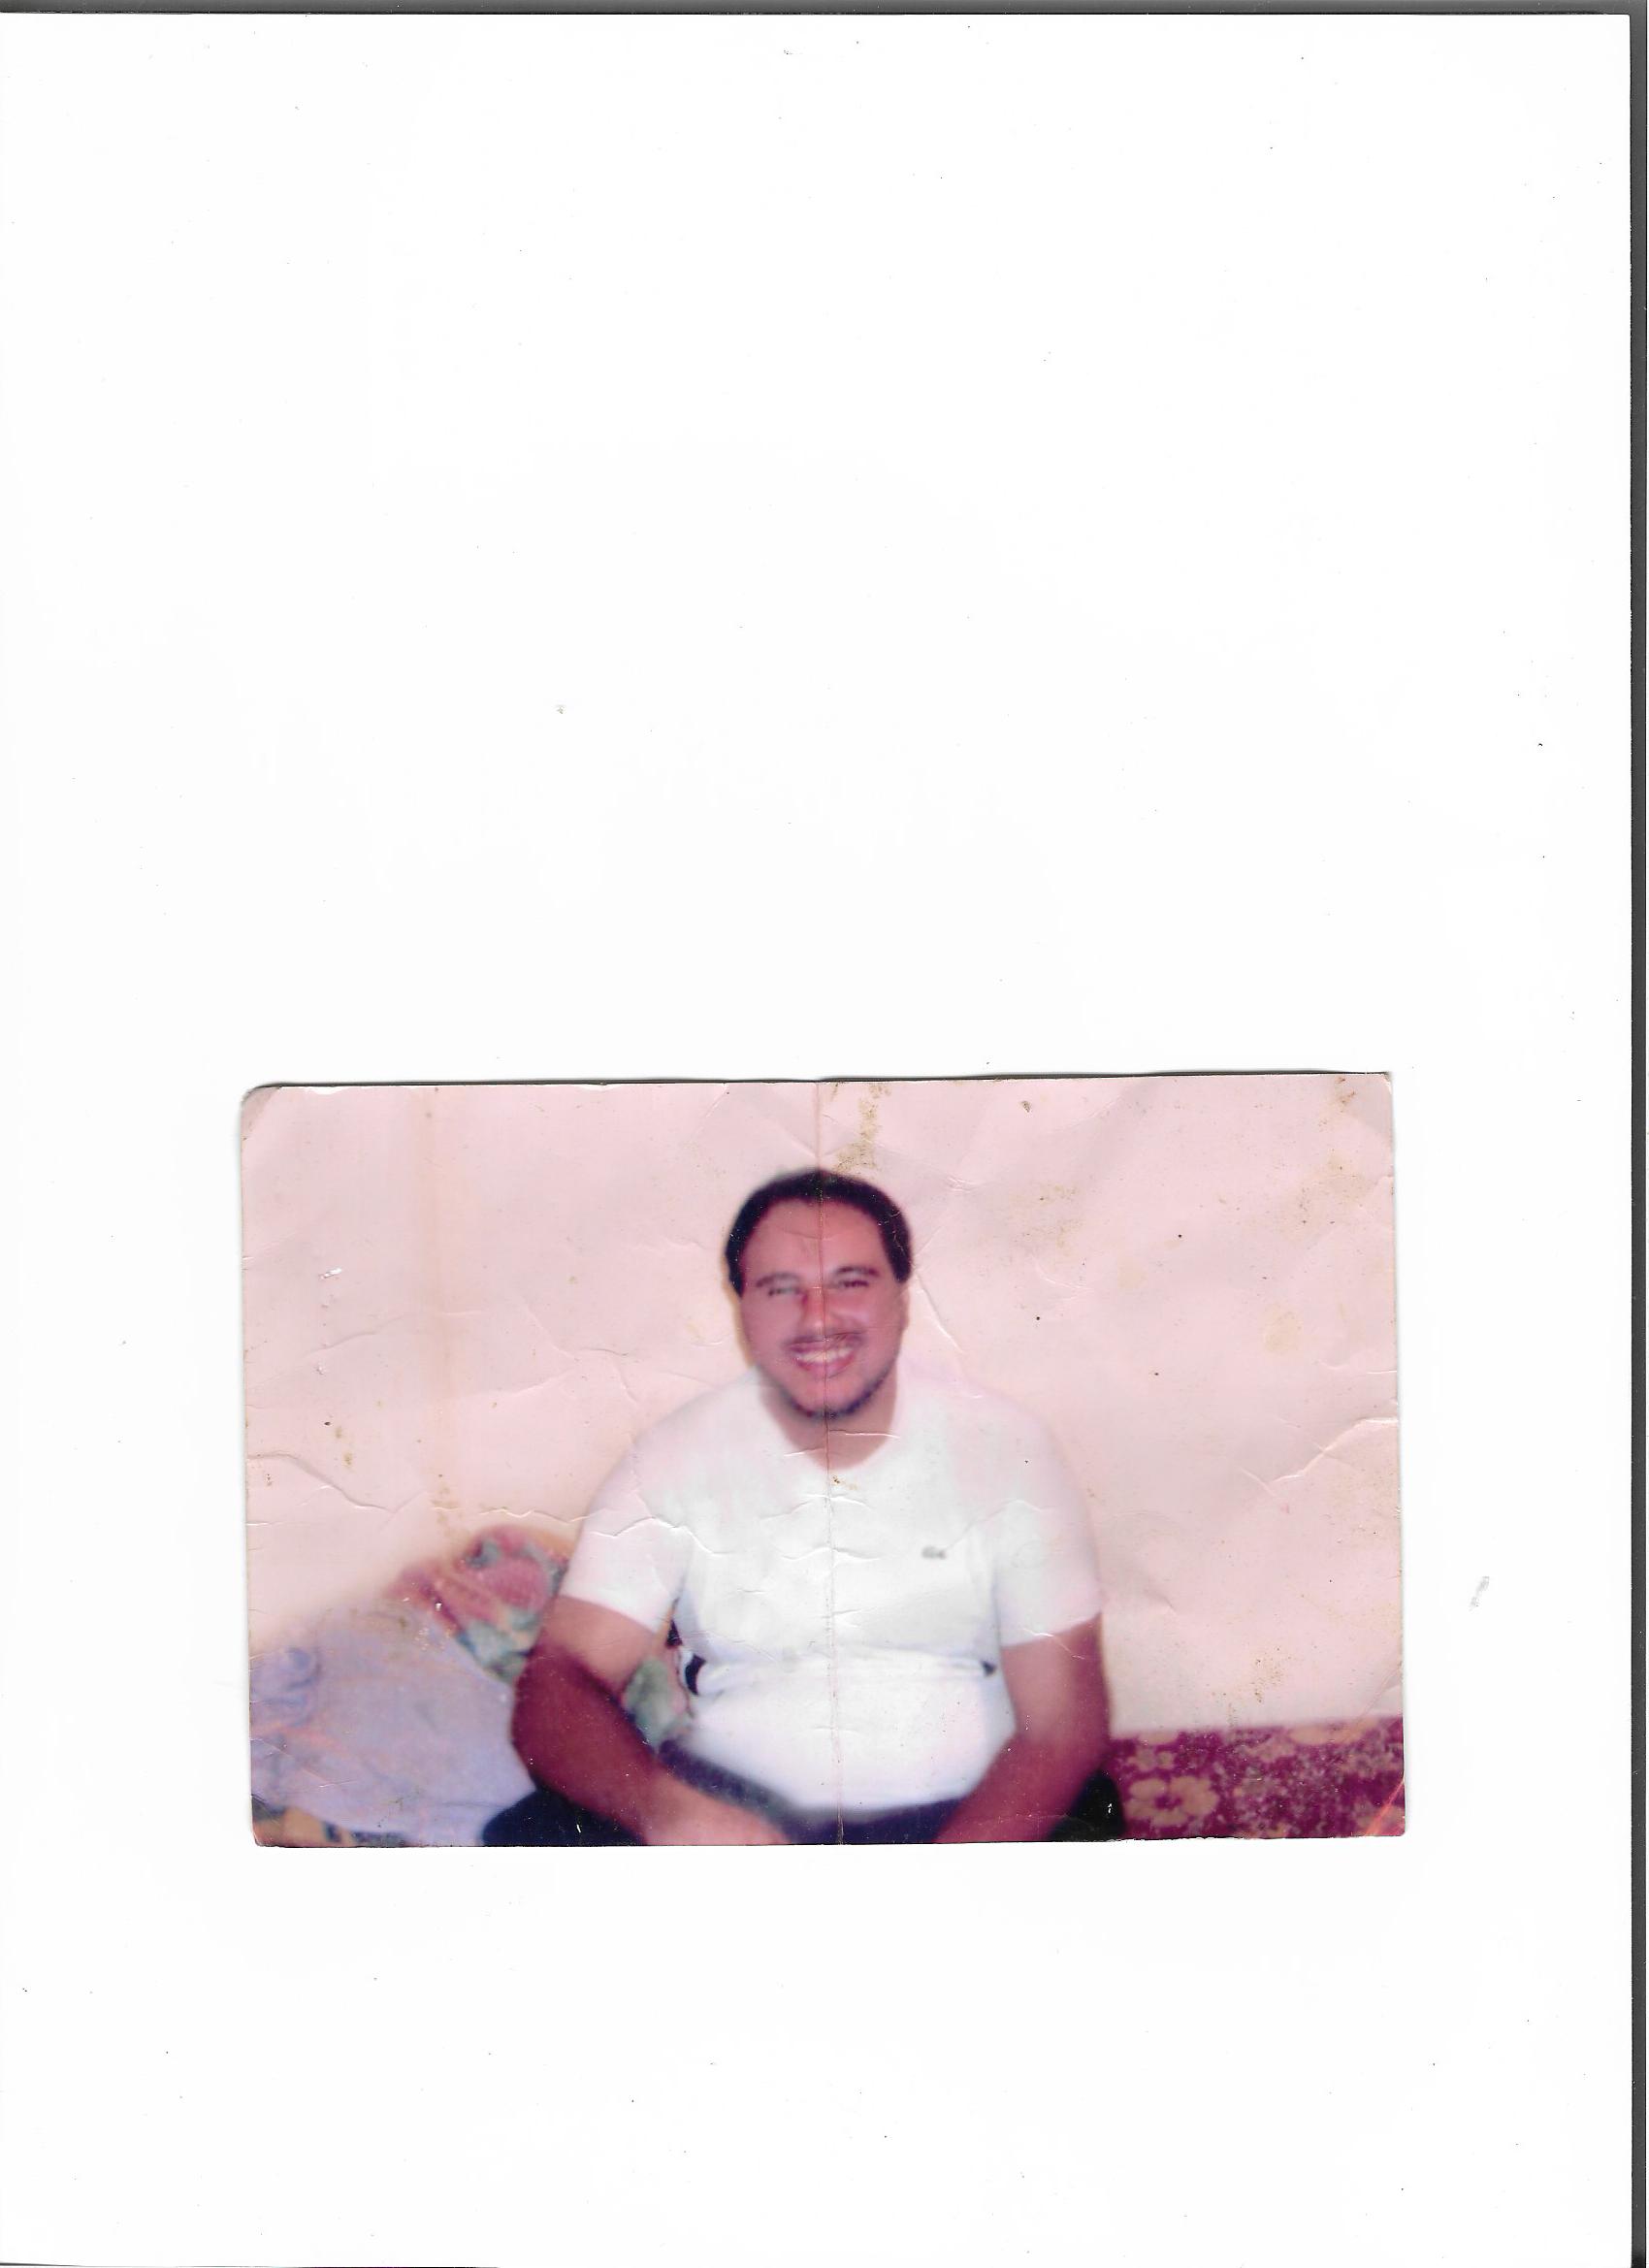 """نداء… للبحث عن مختفي """"علي قسي """" من اقليم الدريوش في ظروف غامضة"""